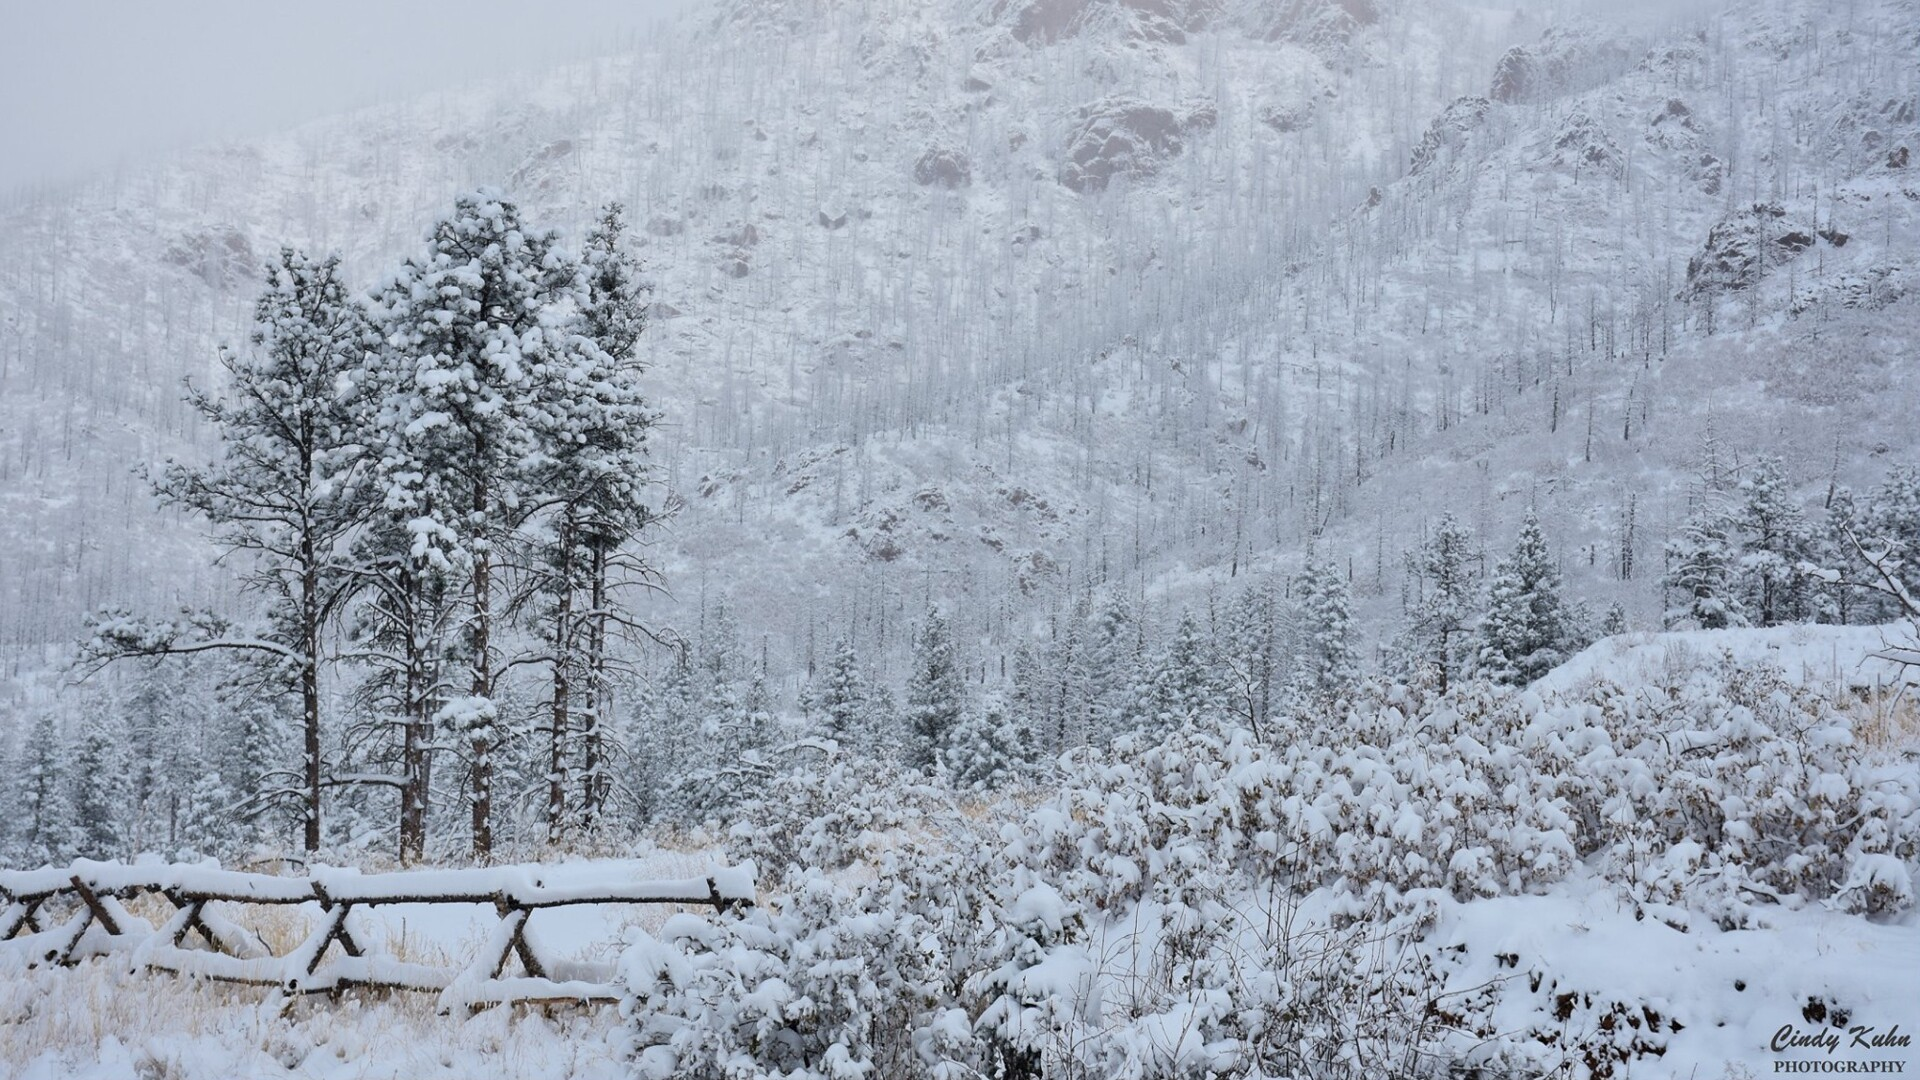 Cascade Snow Cindy Kuhn.jpg